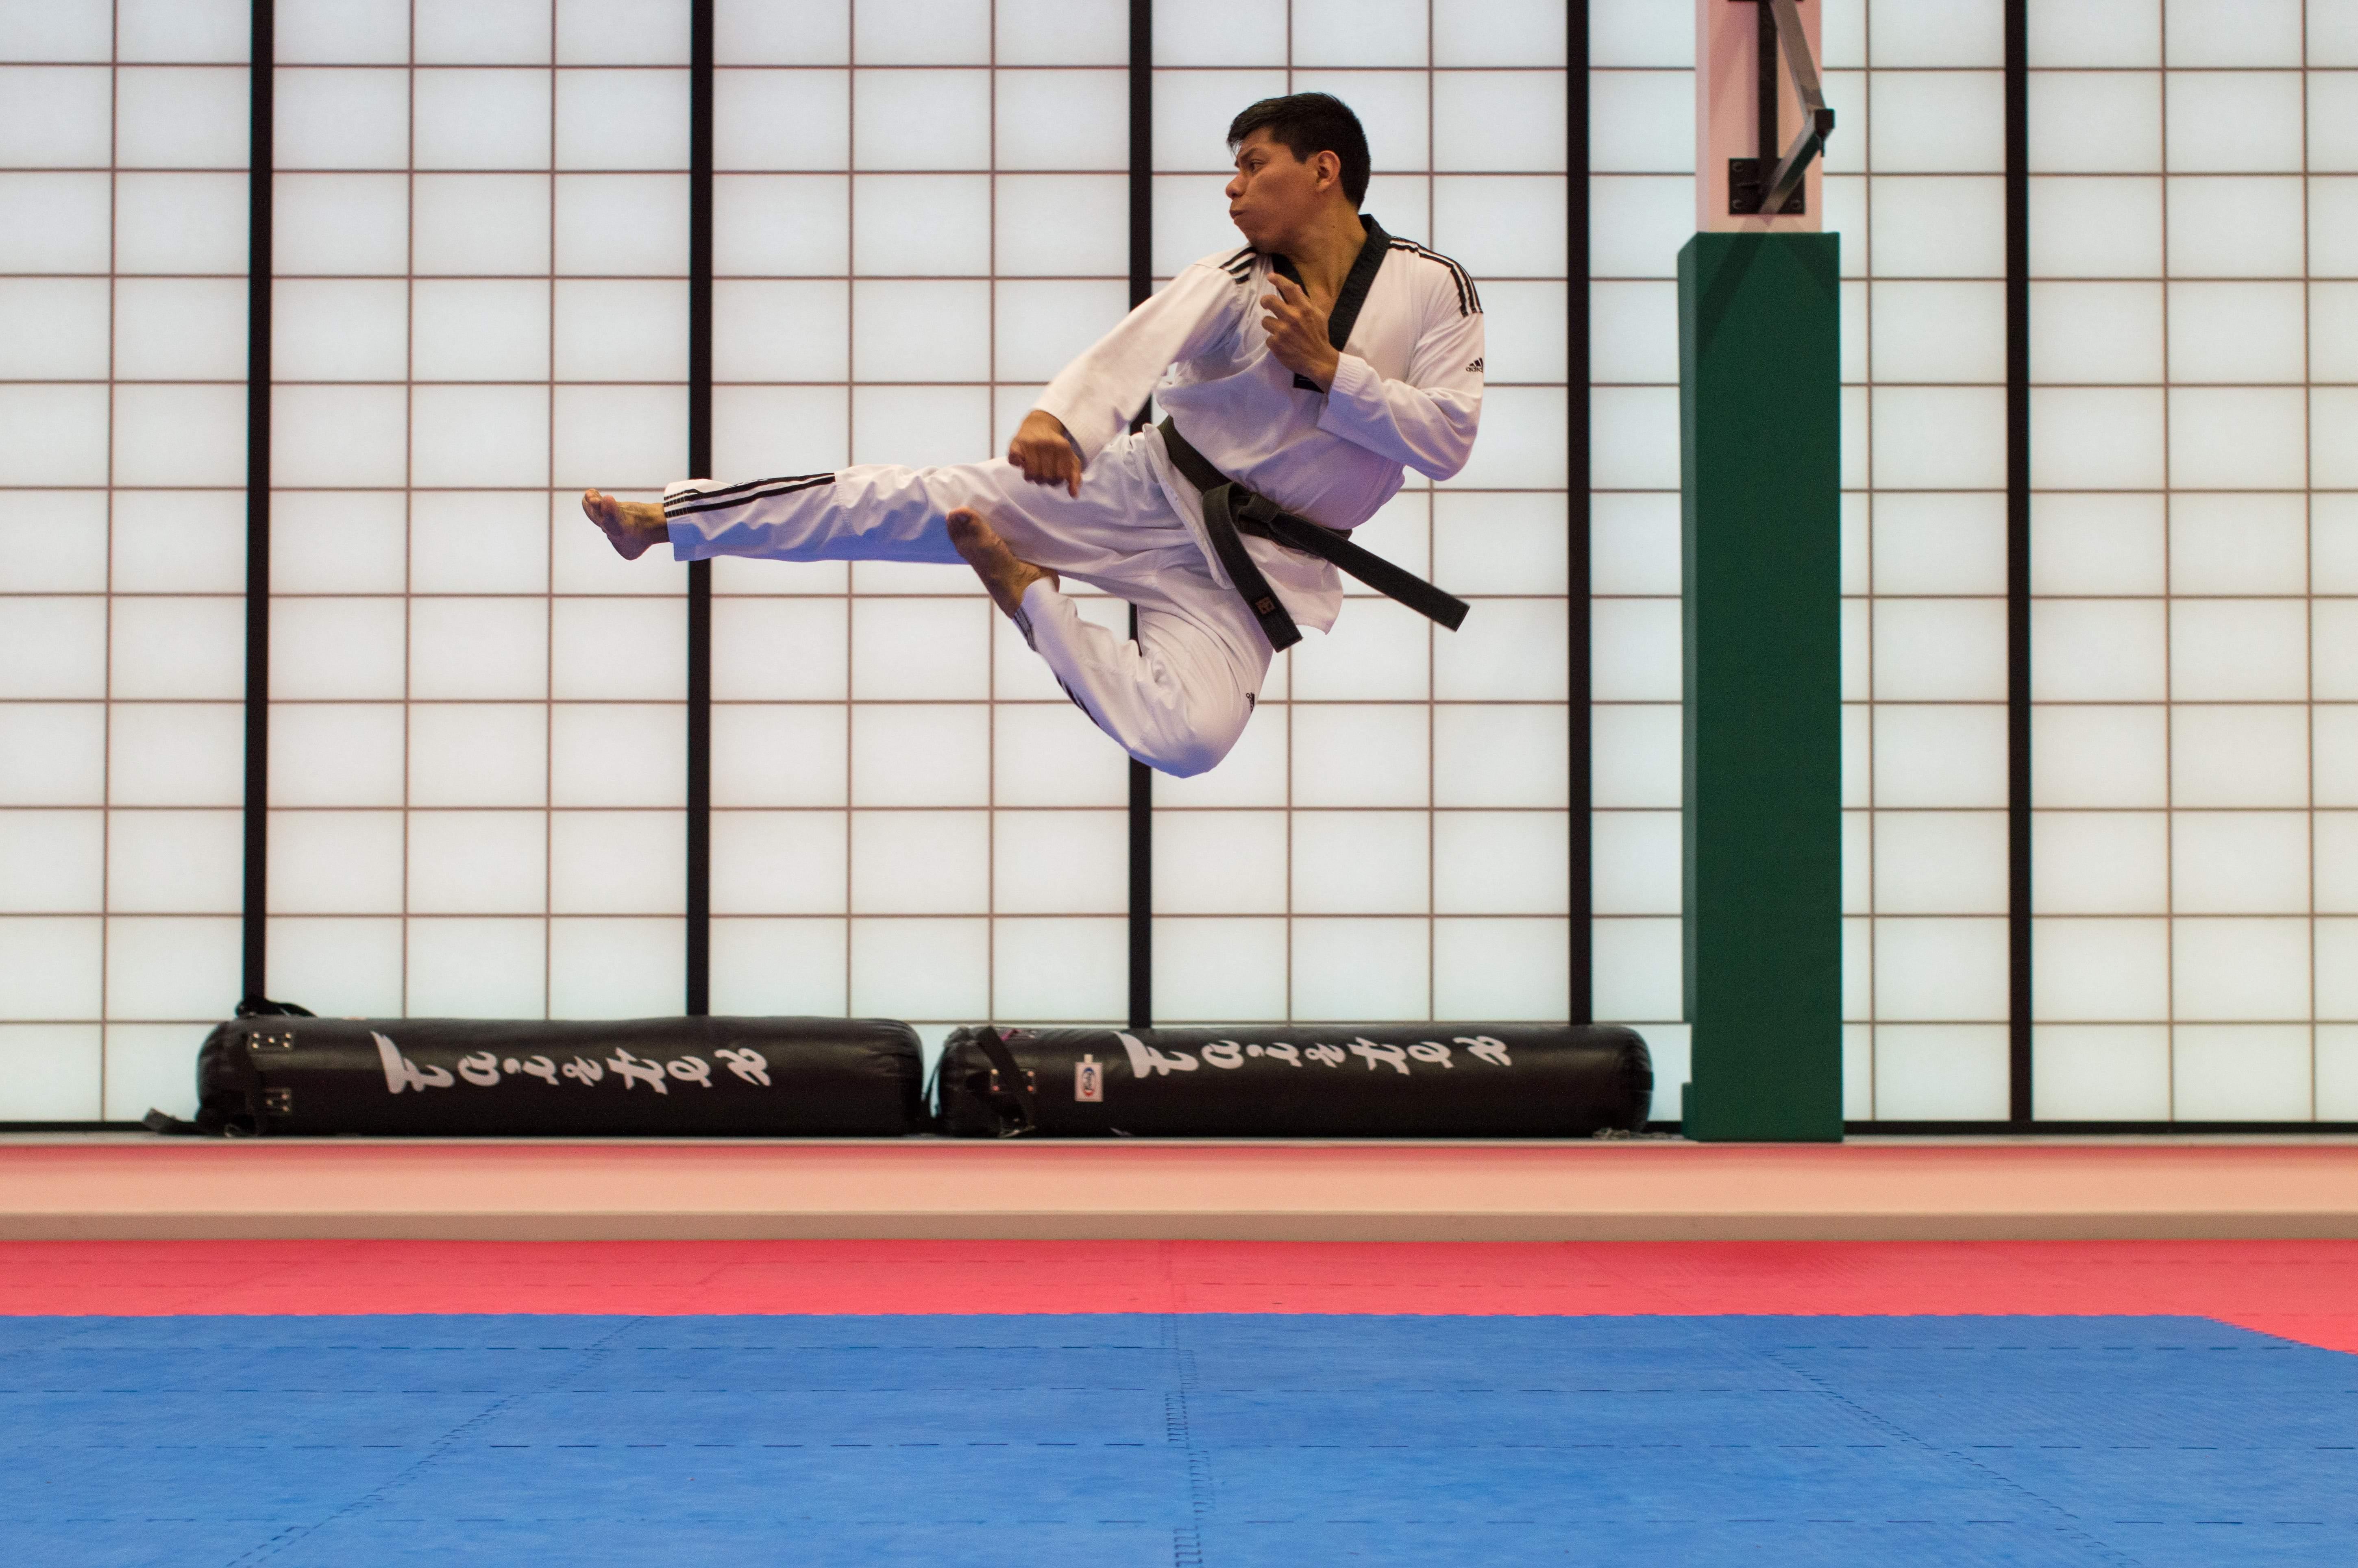 Campeonato Estadual de Taekwondo acontece neste domingo (20), em Domingos Martins